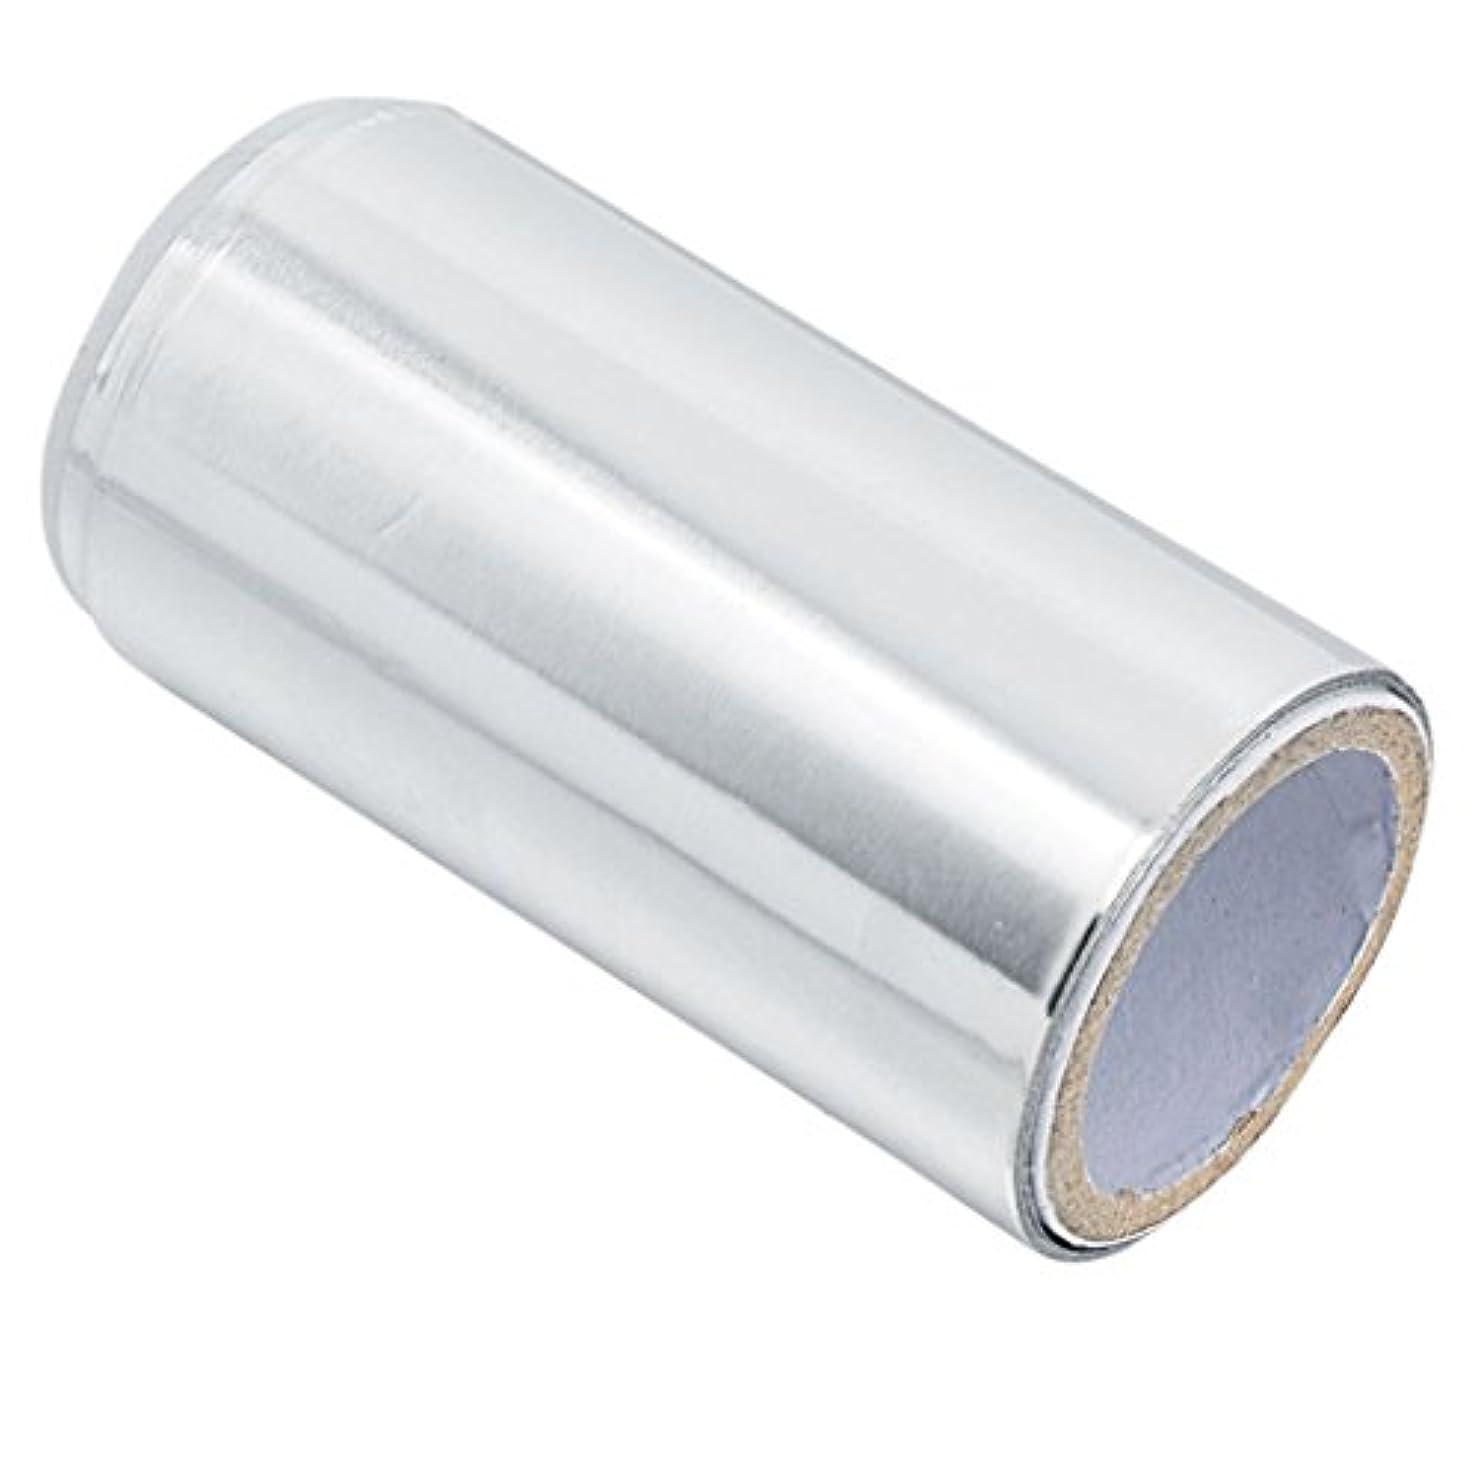 吸収群れ受けるマニキュア錫箔紙 ヘア/ネイル用 ジェル除却 ヘアパーマ 約5m